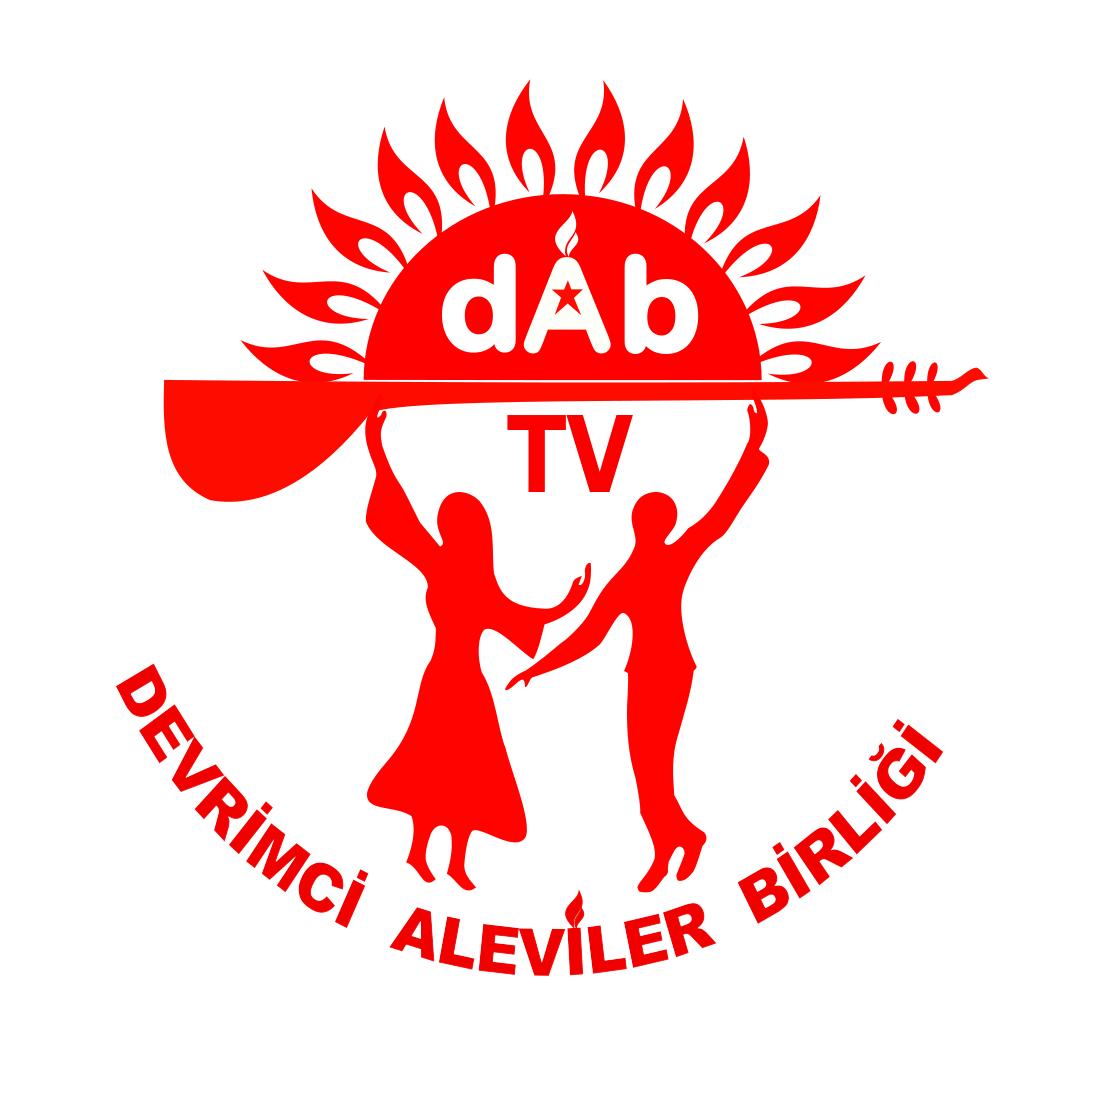 DAB-TV-LOGO